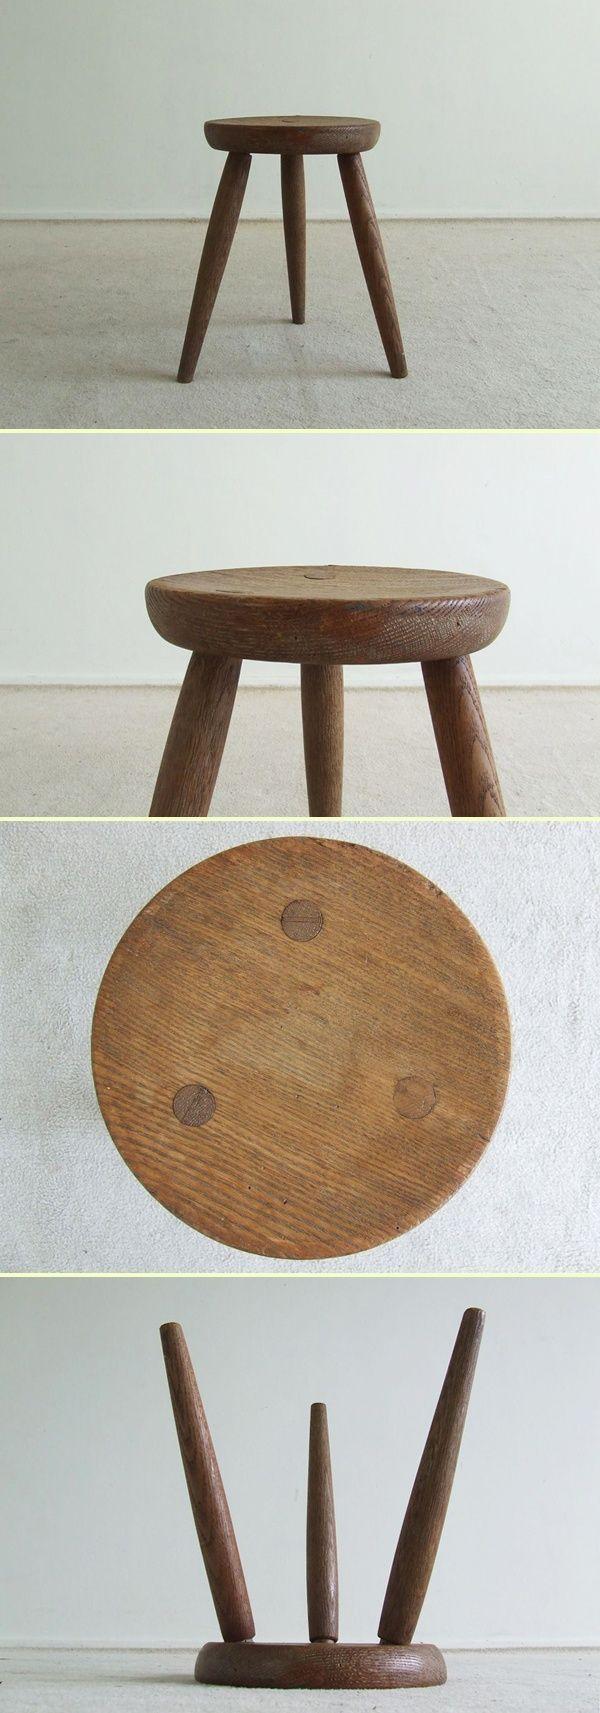 Charlotte Perriand oak stool (1702)